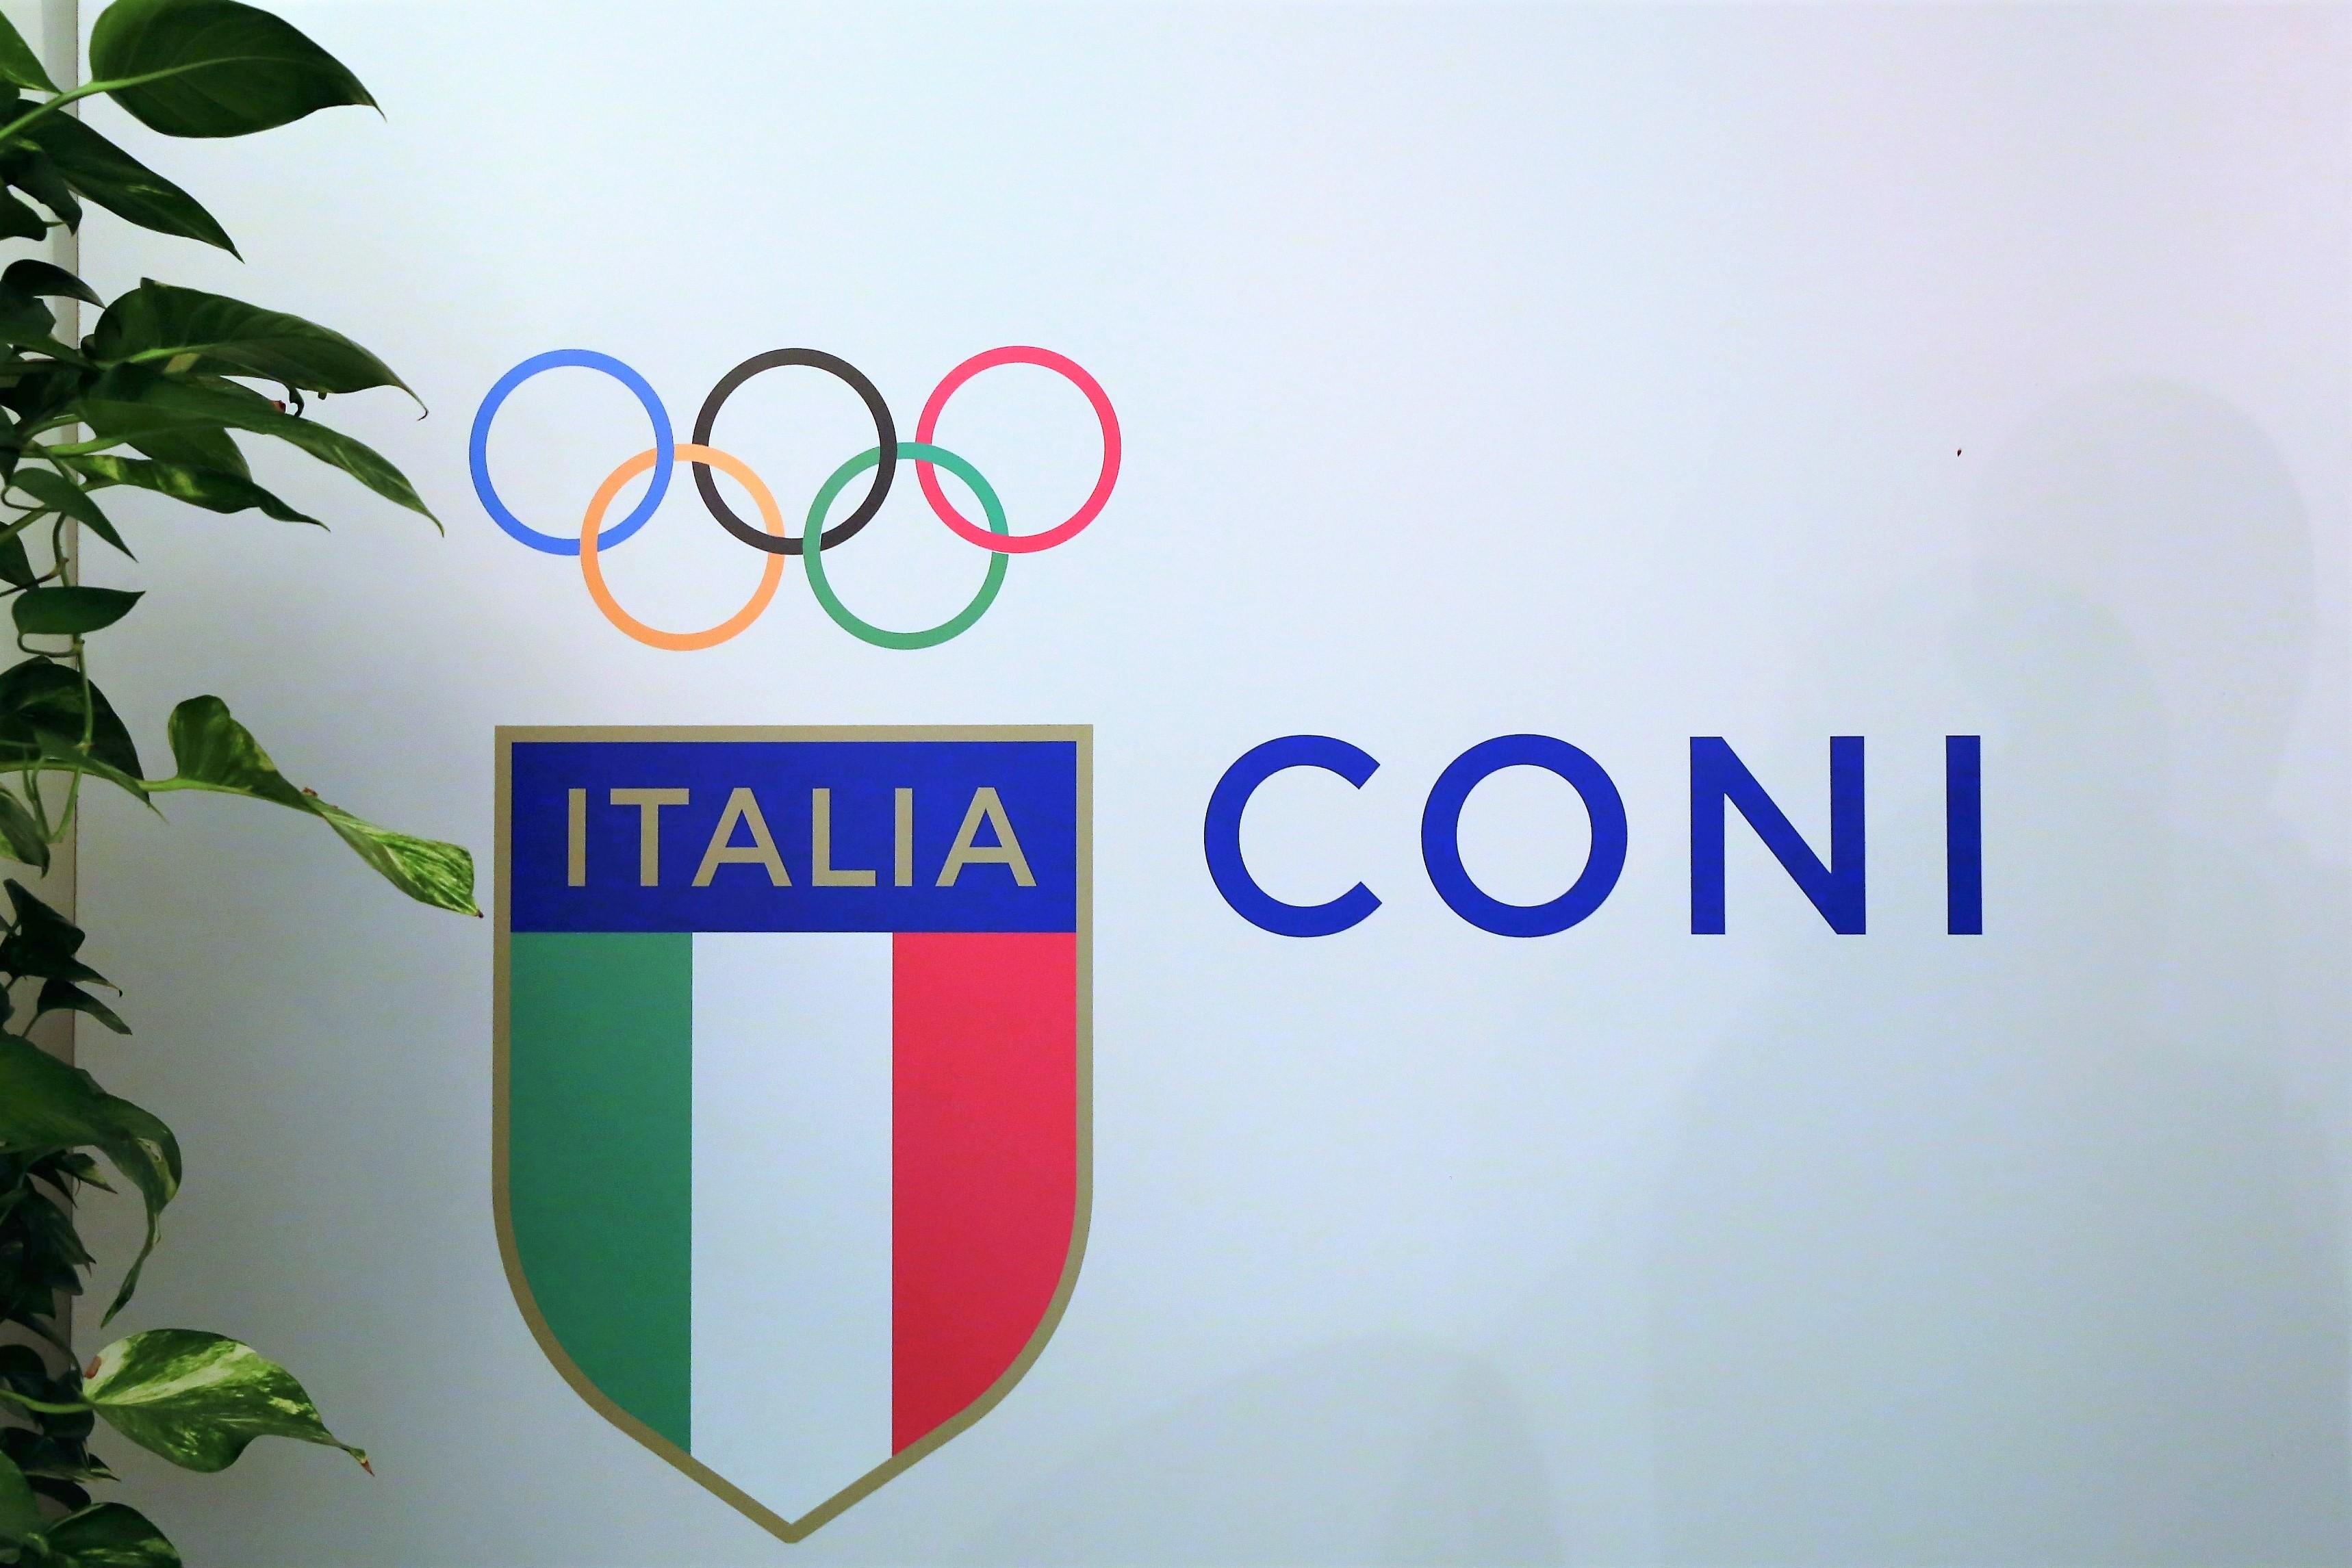 La Toscana ospiterà la visita del presidente nazionale del CONI Giovanni Malagò (foto Antonello Serino Redazione di Met)